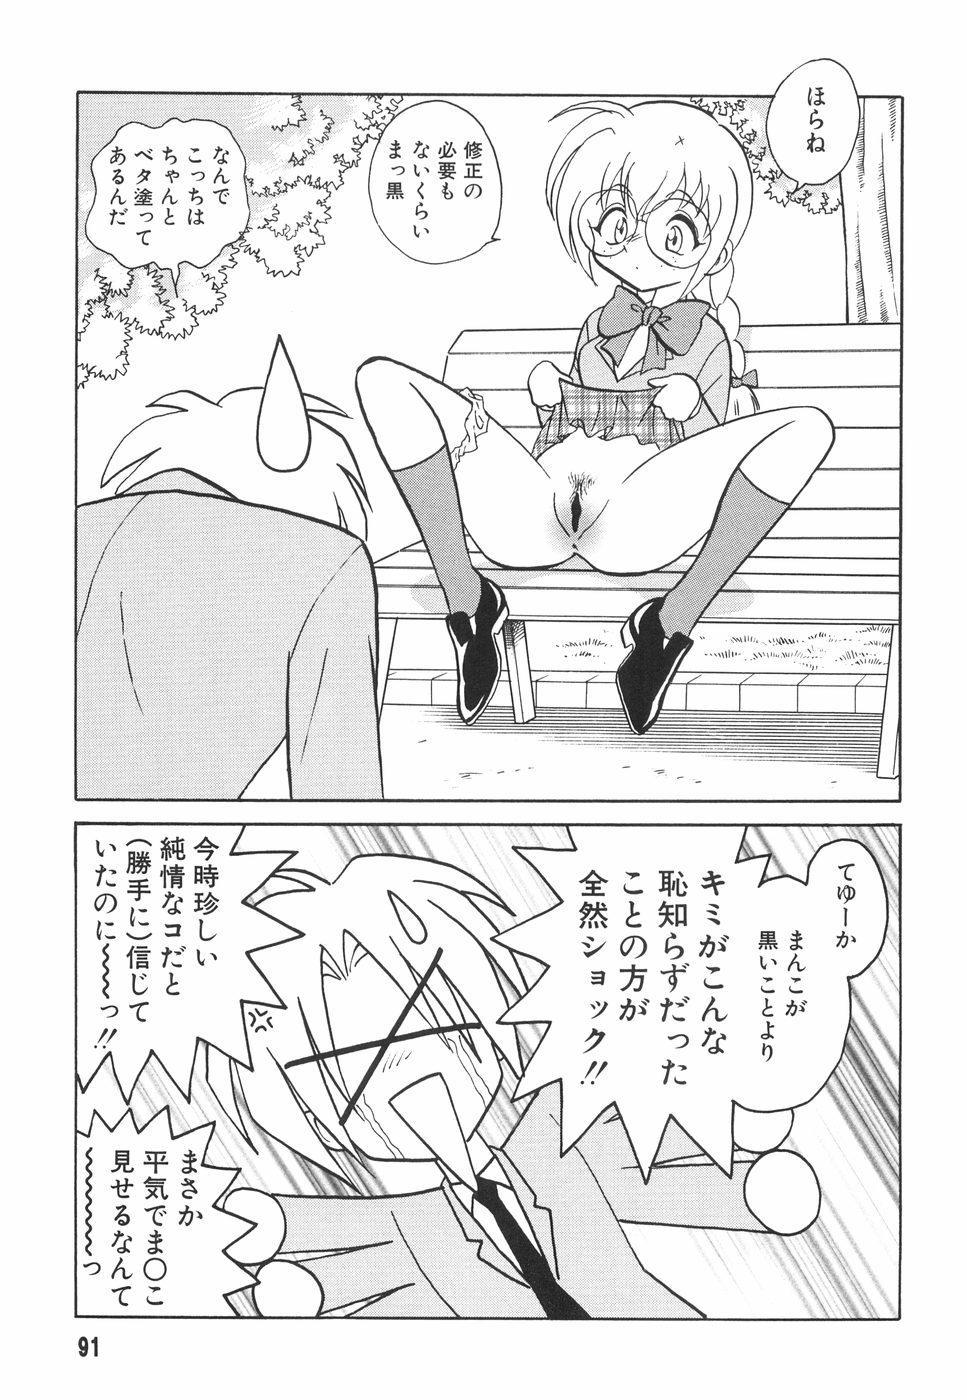 Hazukashime no Jikan 91